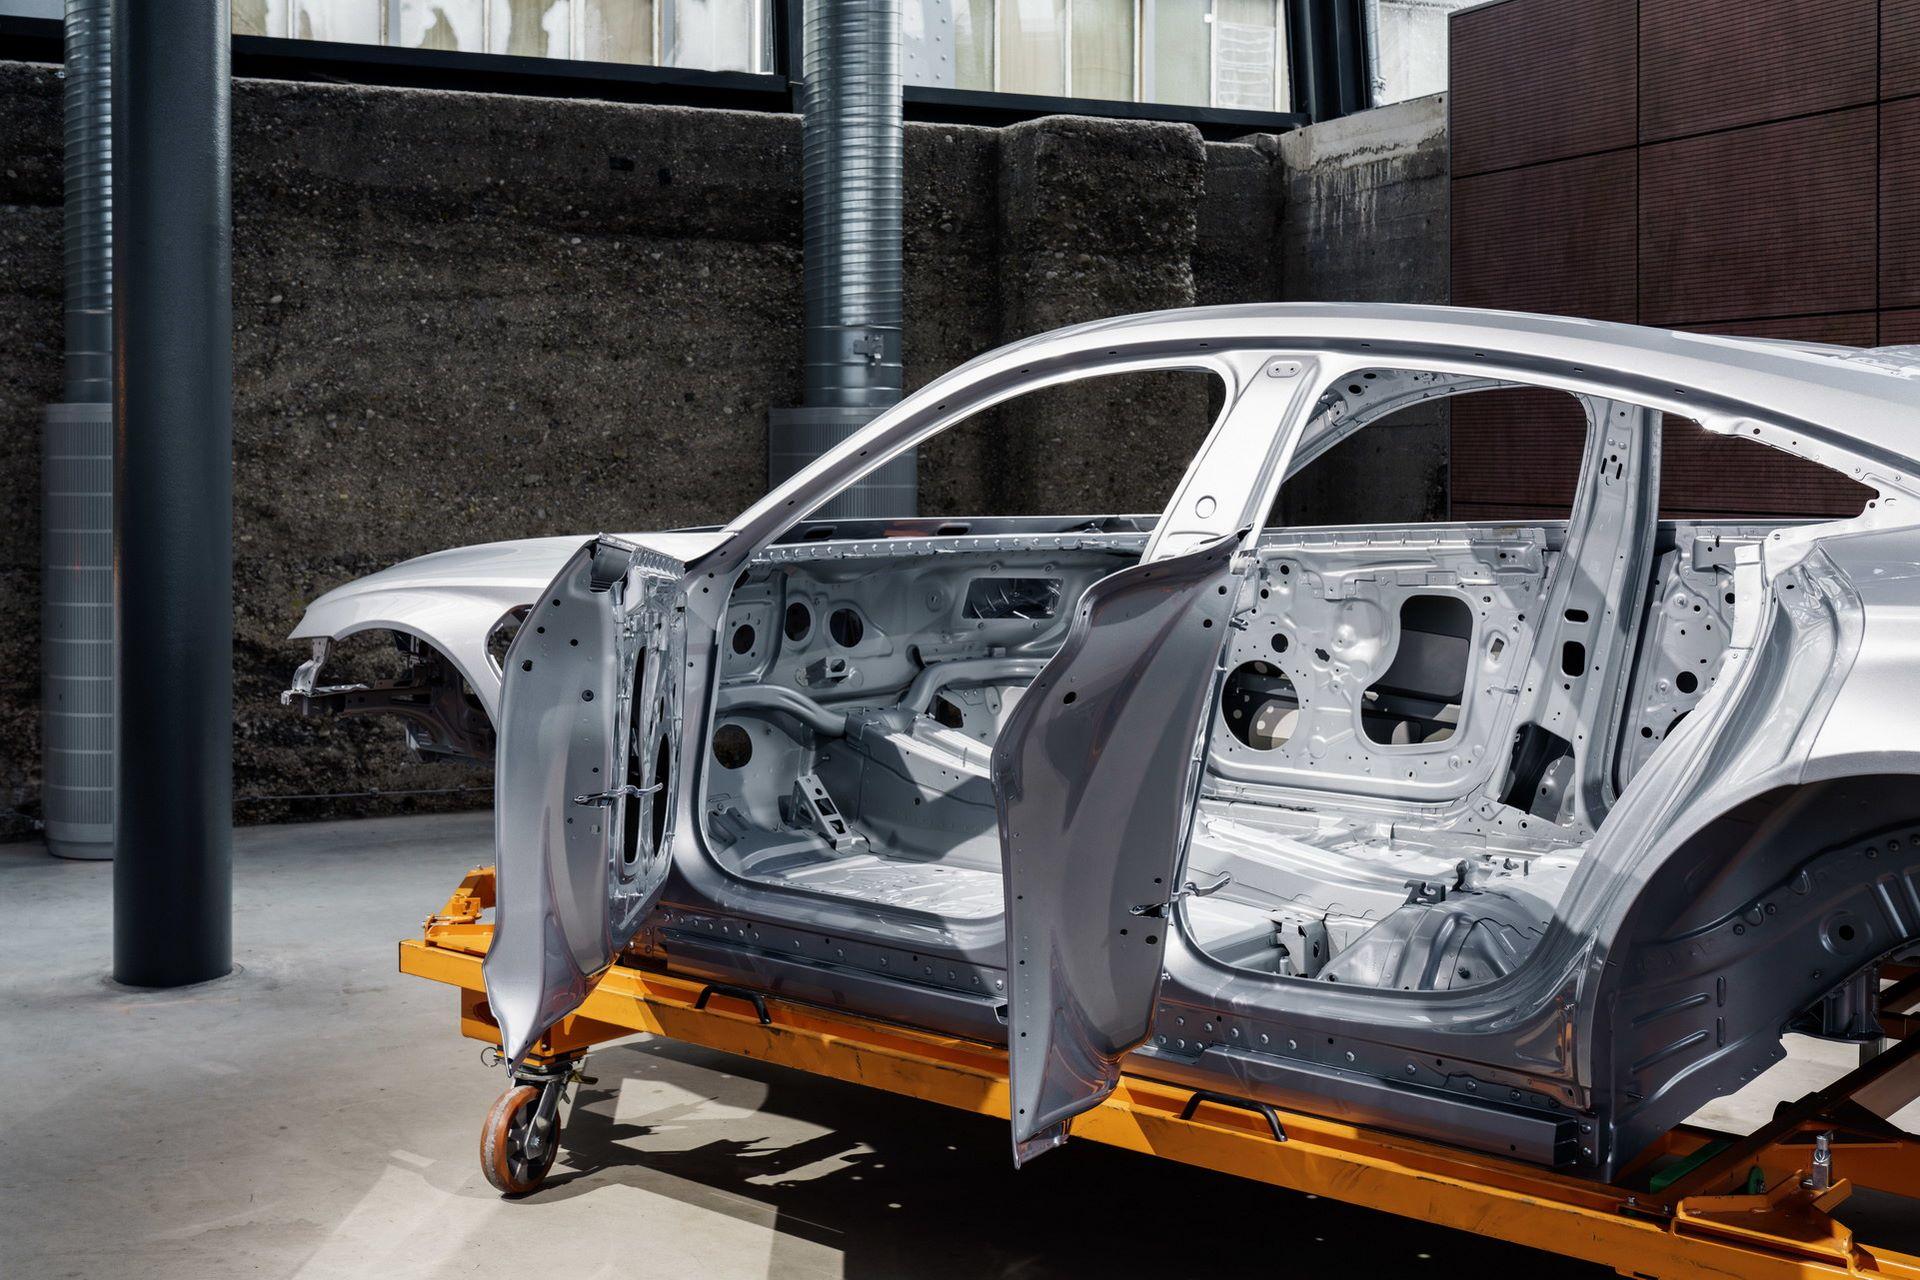 2022-Audi-e-tron-GT-plant-17